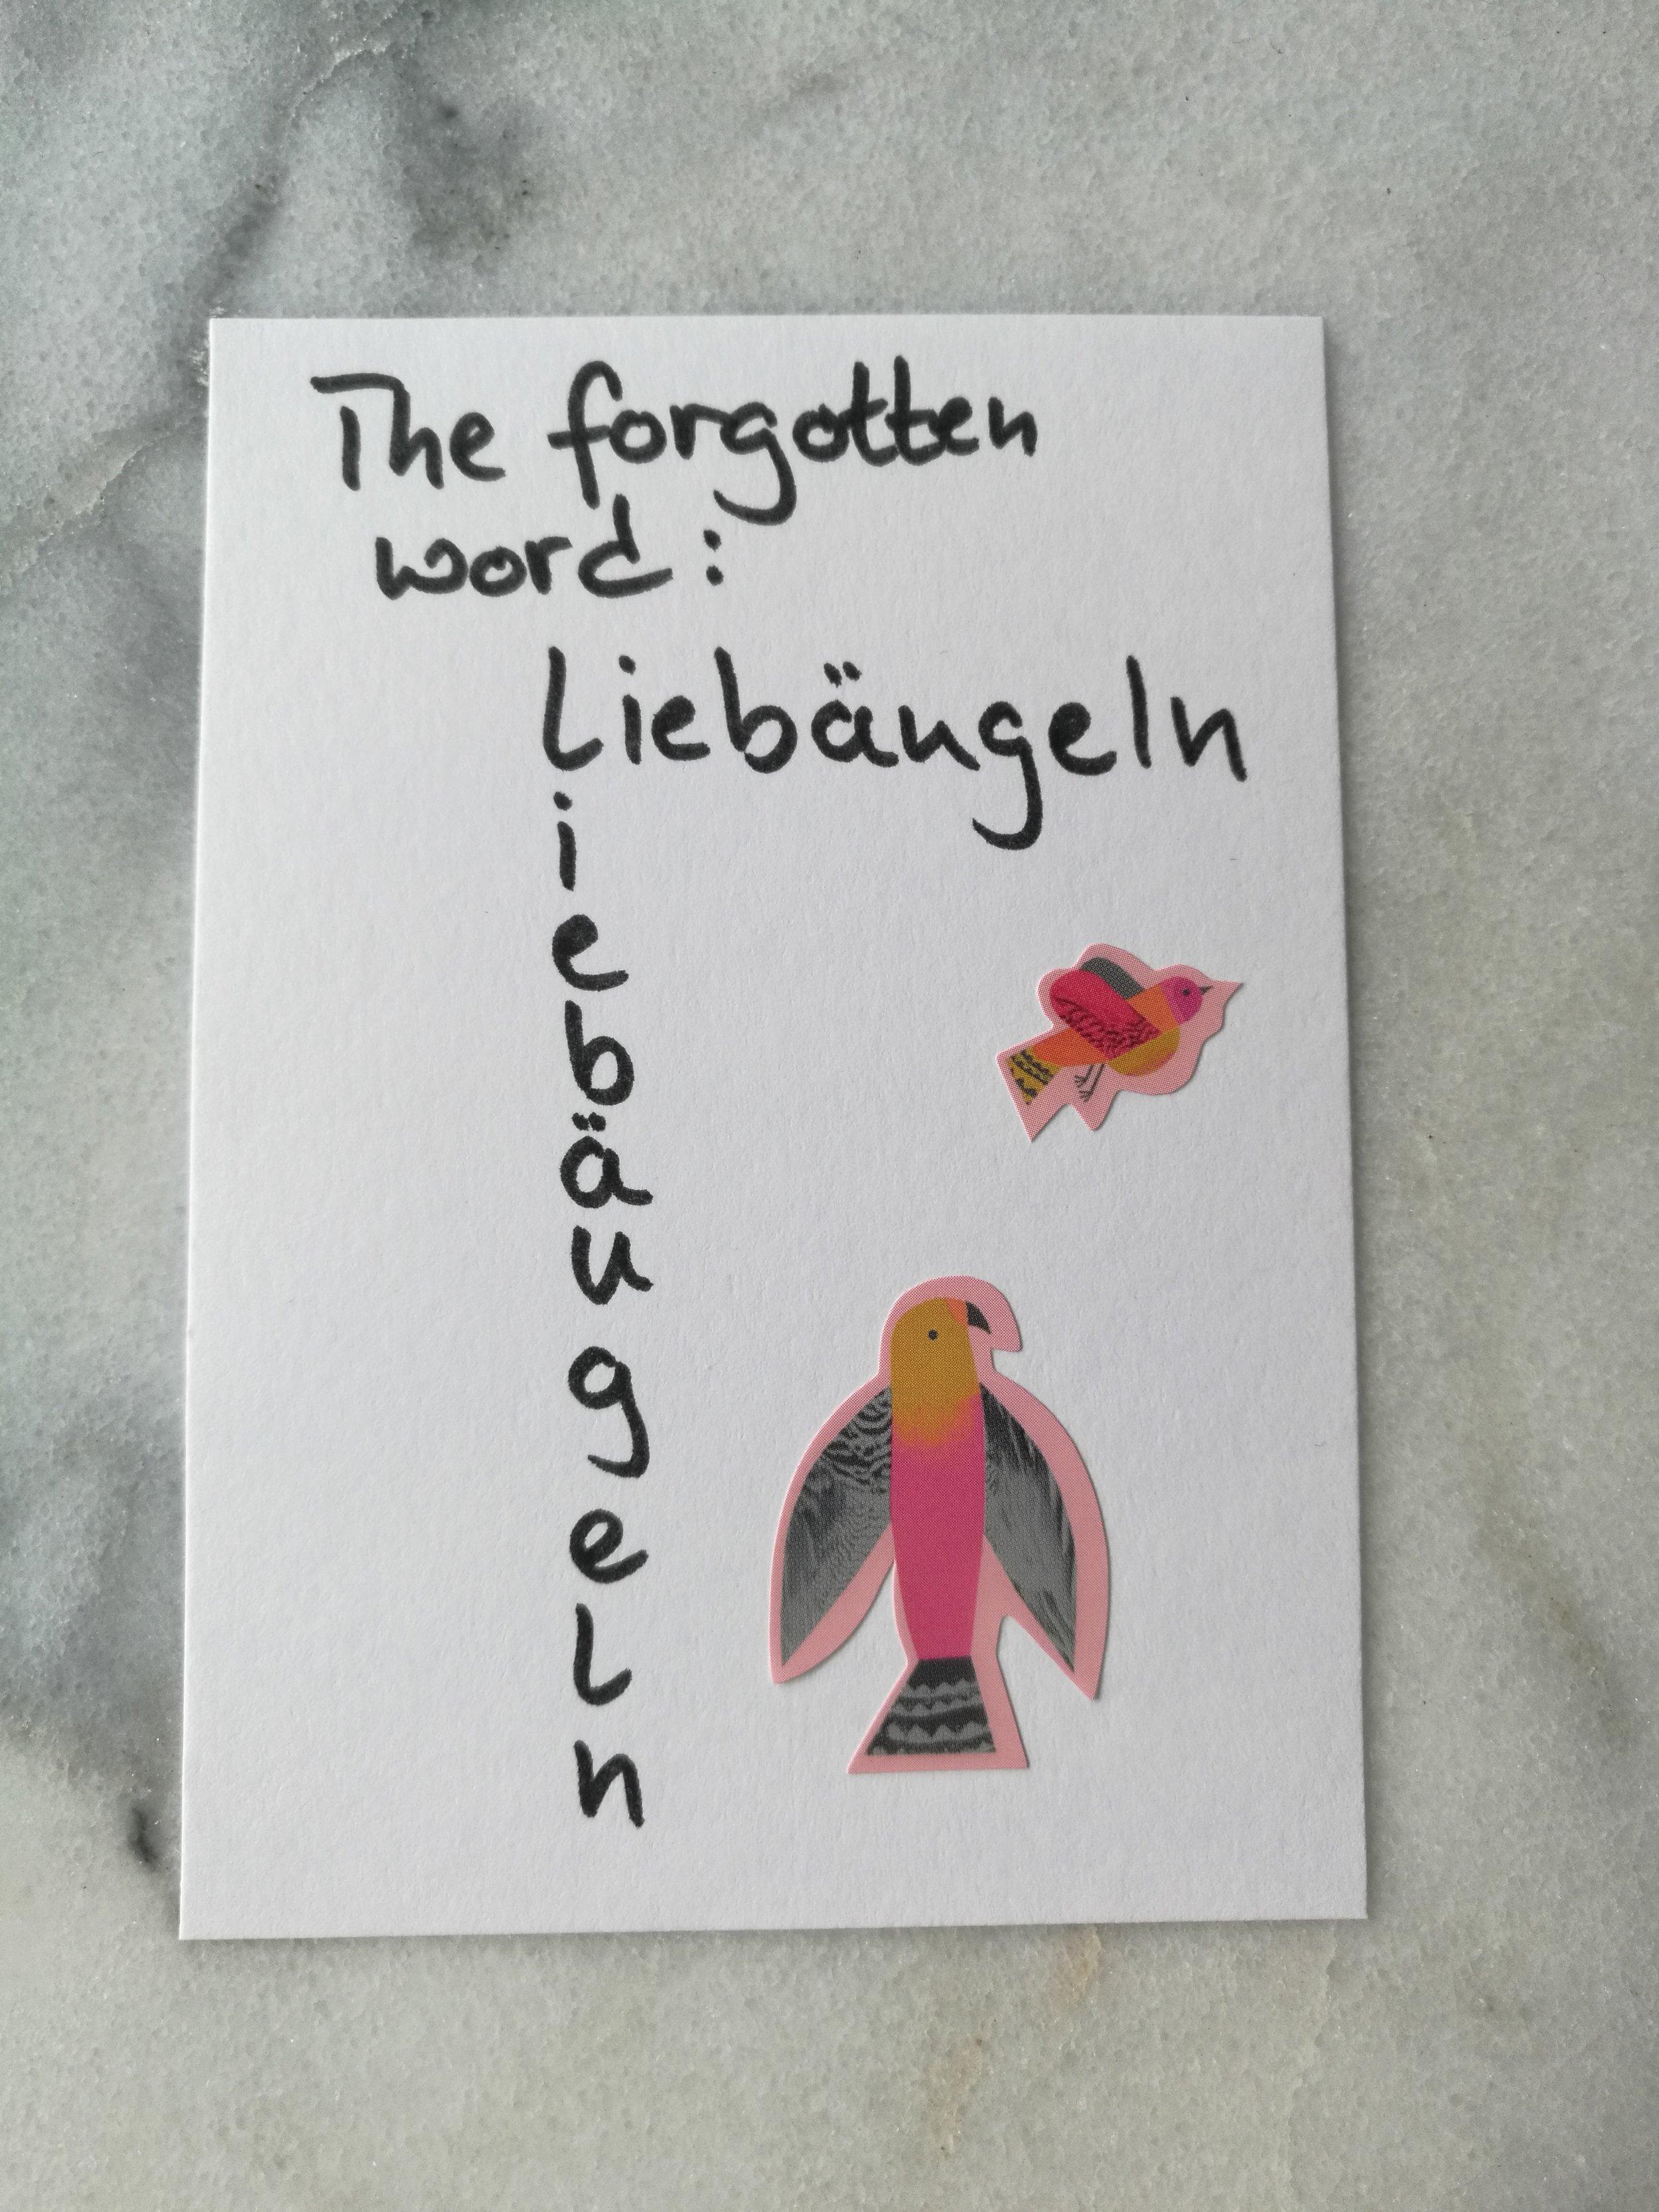 fancy ogle liebäugeln language Sprache vocabulary Wortschatz Ausdruck expression